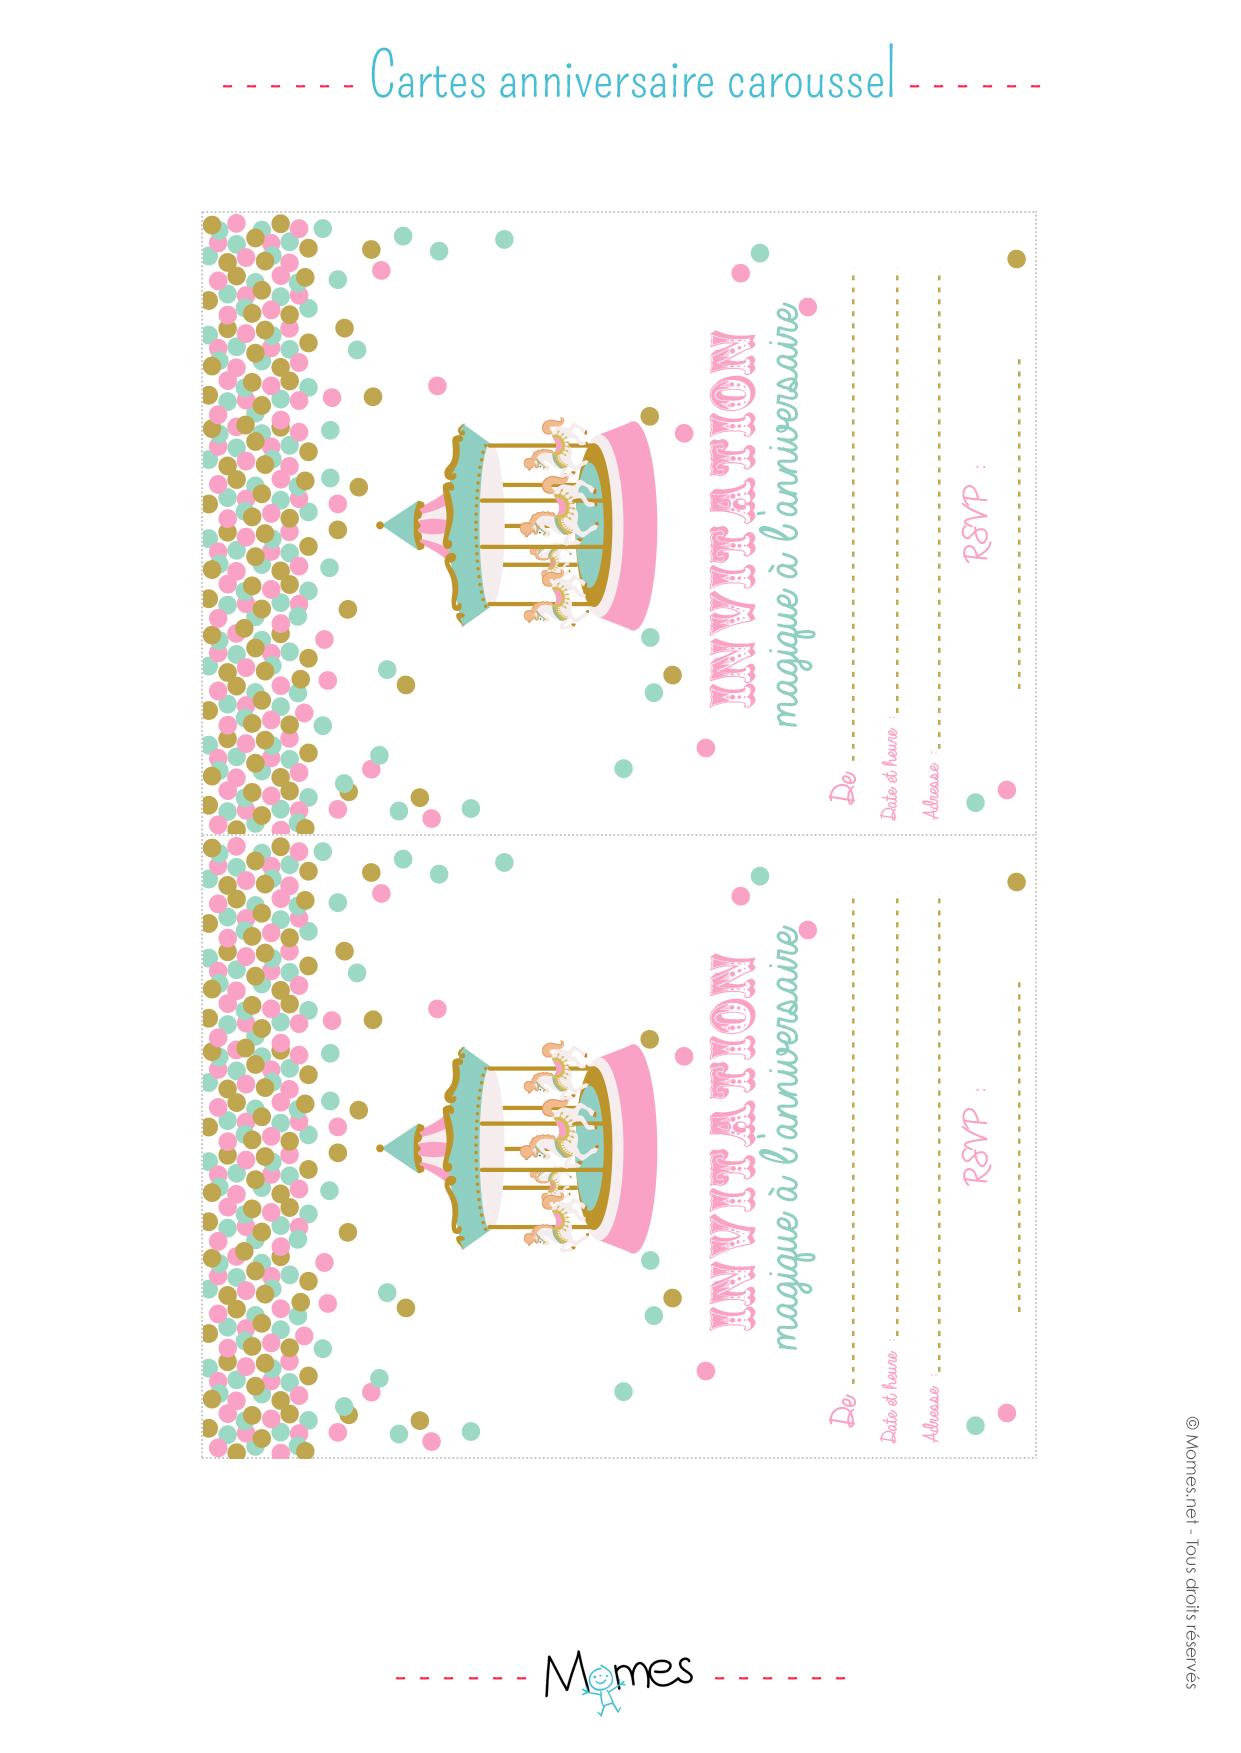 Invitation anniversaire f te foraine imprimer - Invitation a imprimer ...